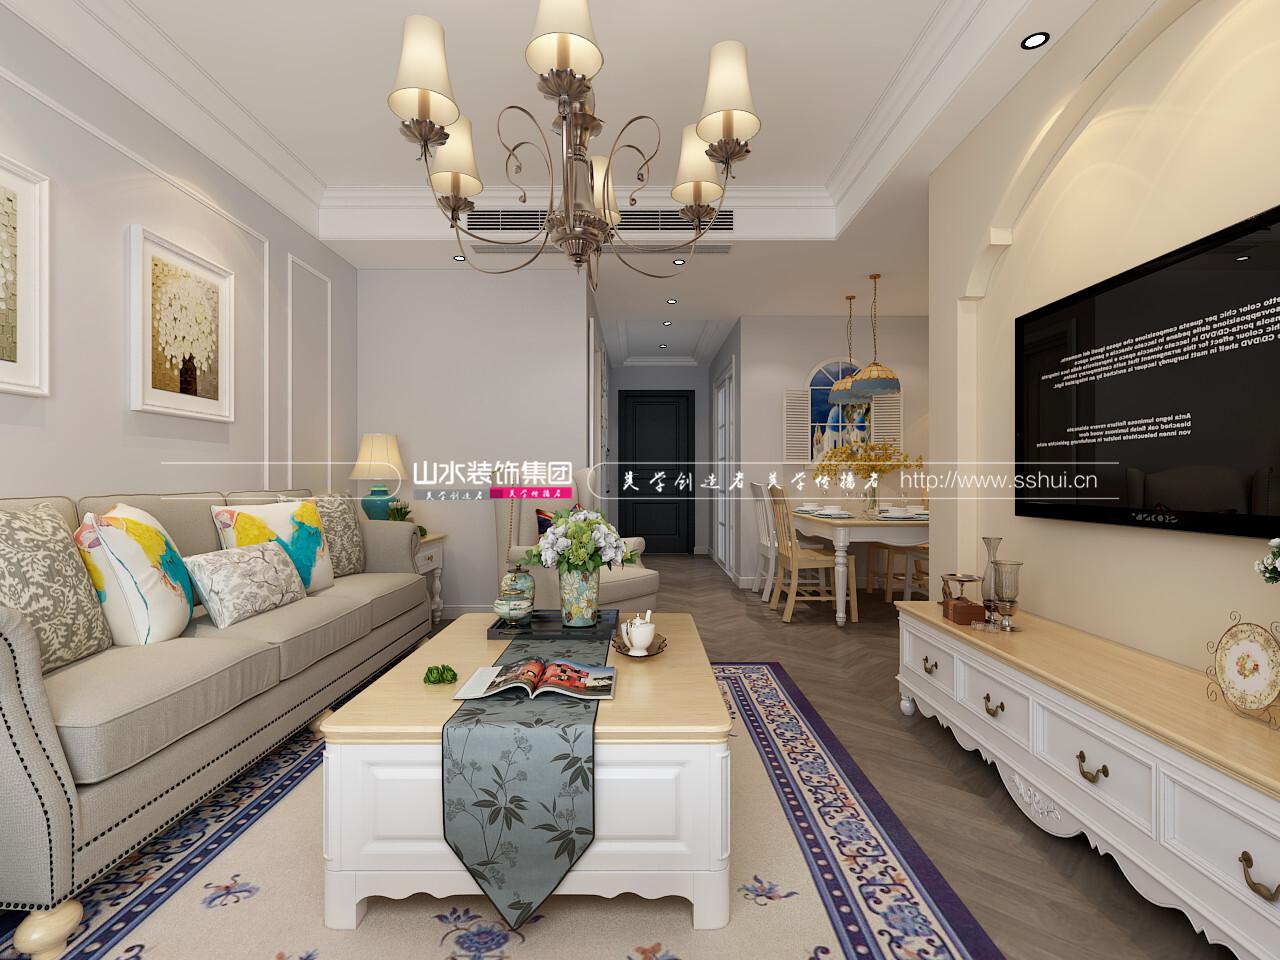 90平米田園風格兩居室裝修效果圖